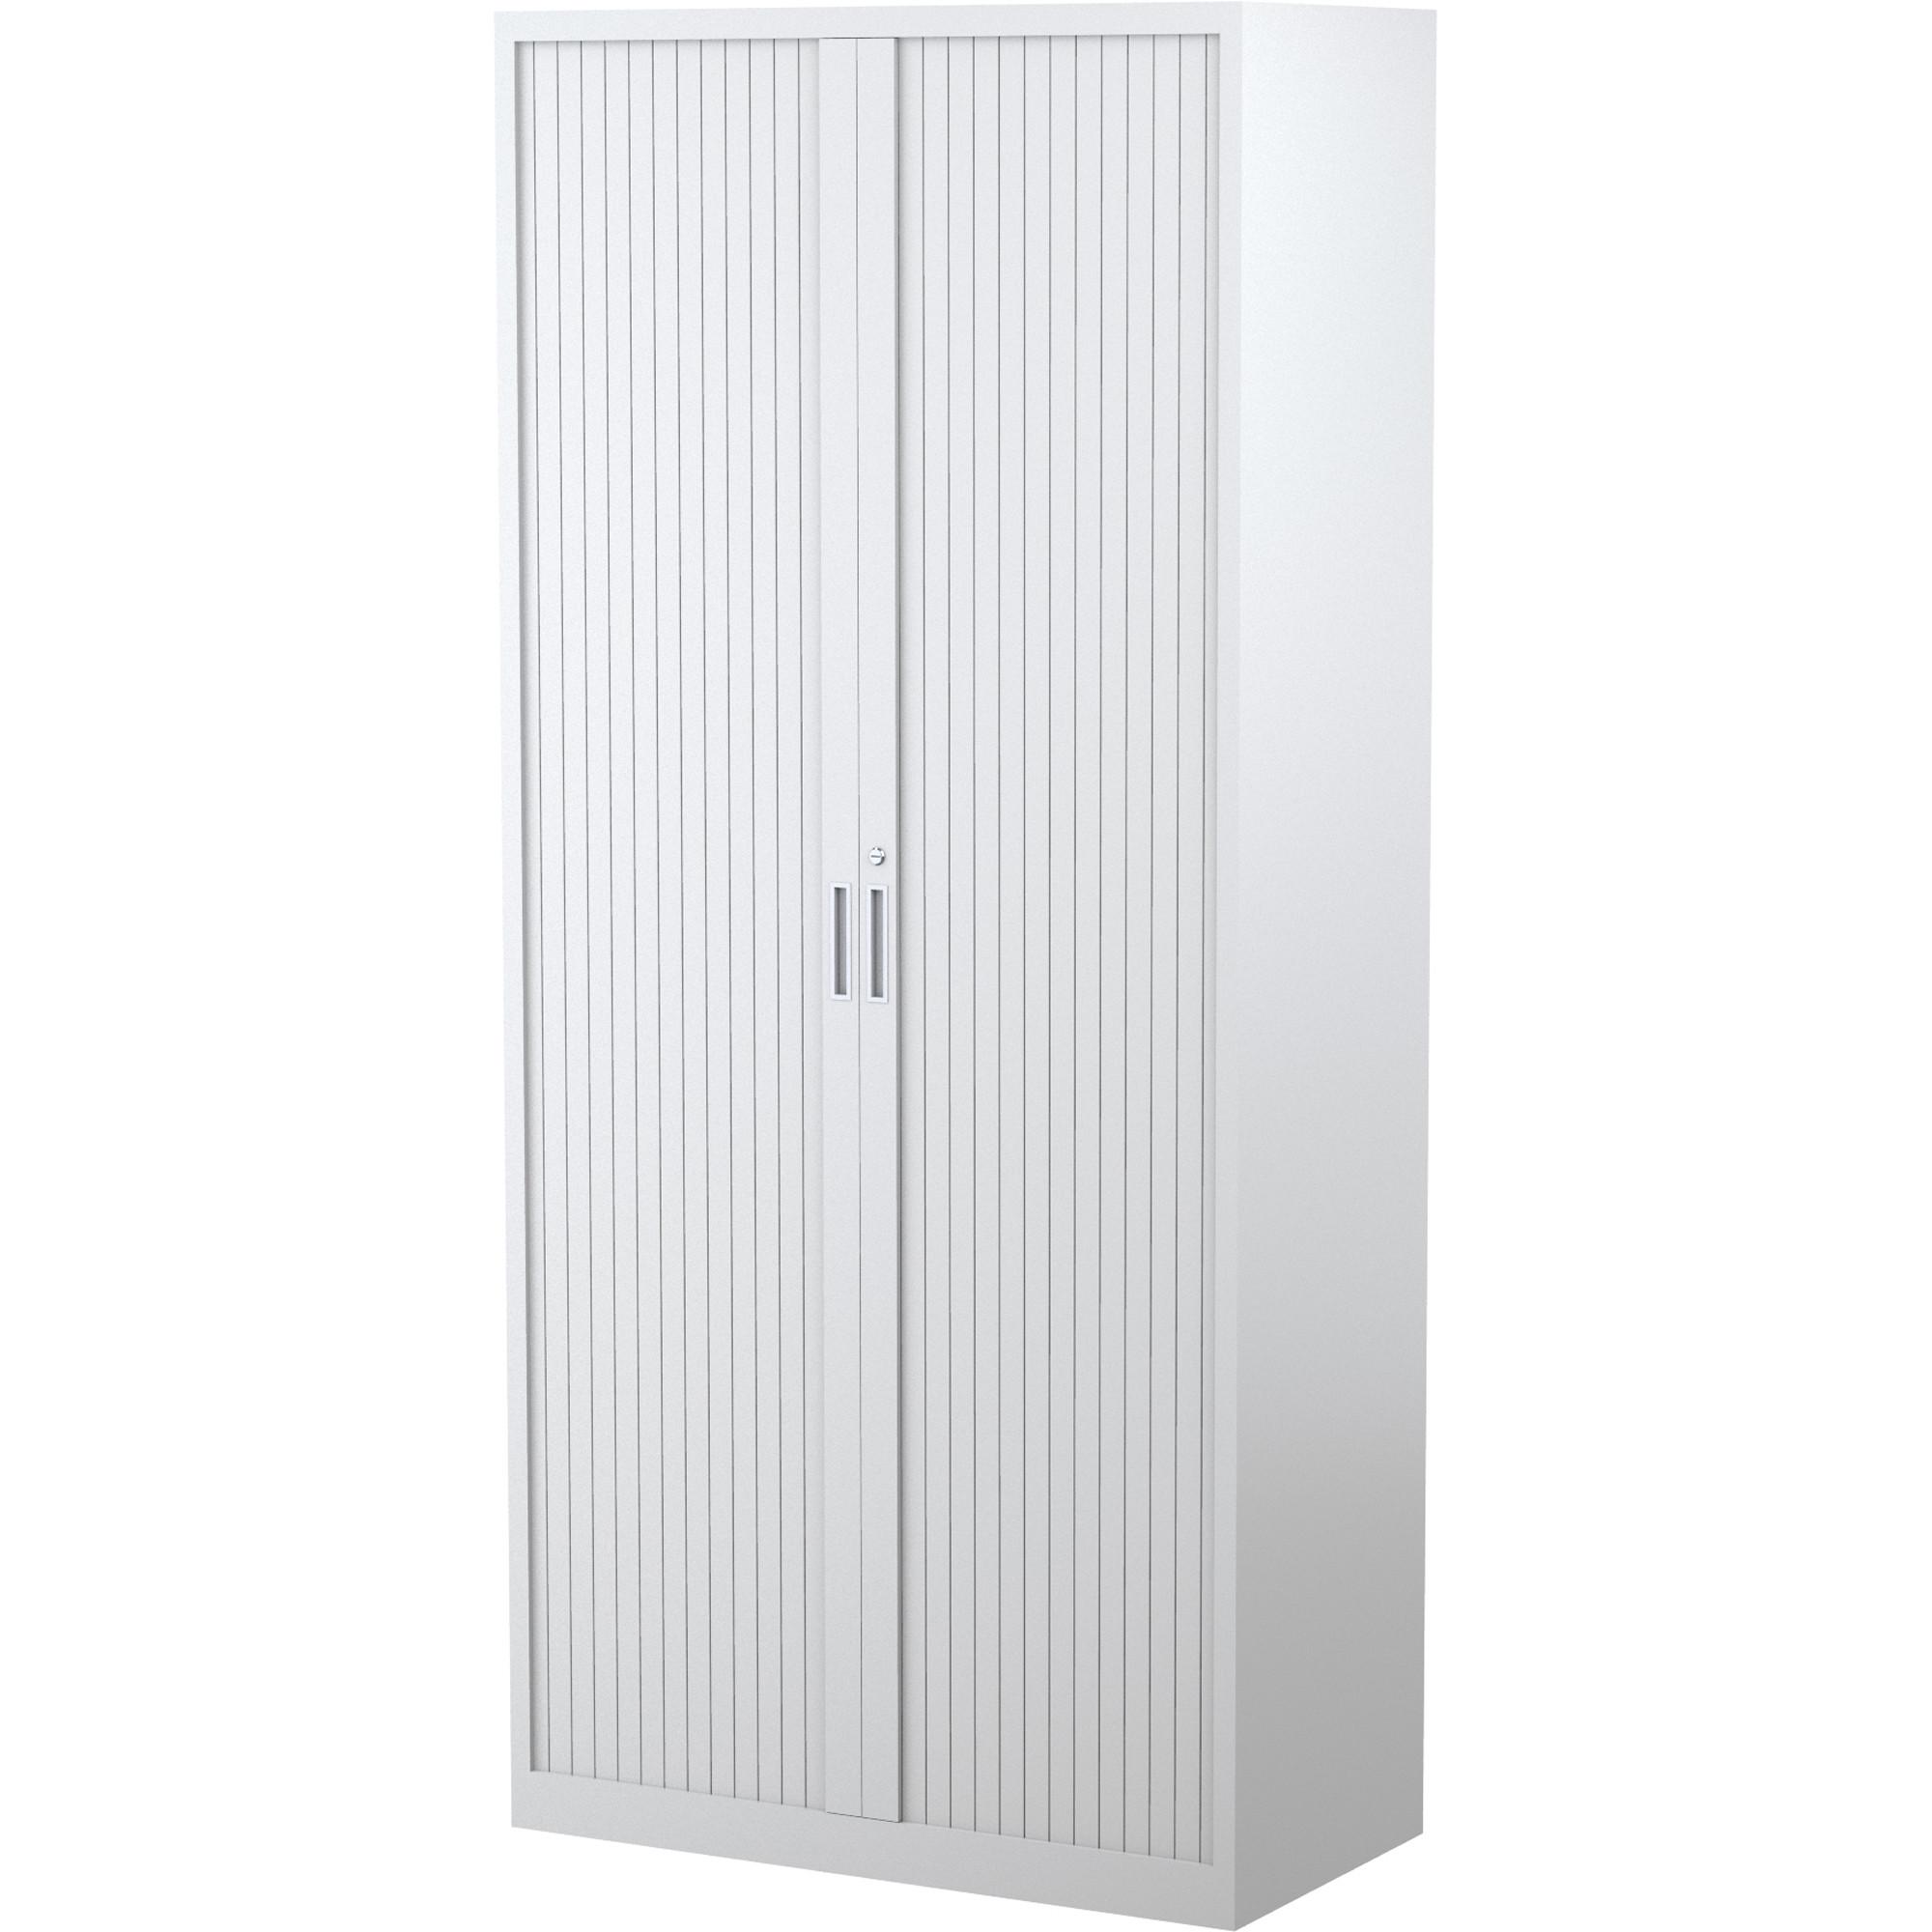 Steelco Tambour Door Cupboard 5 Shelf White Satin